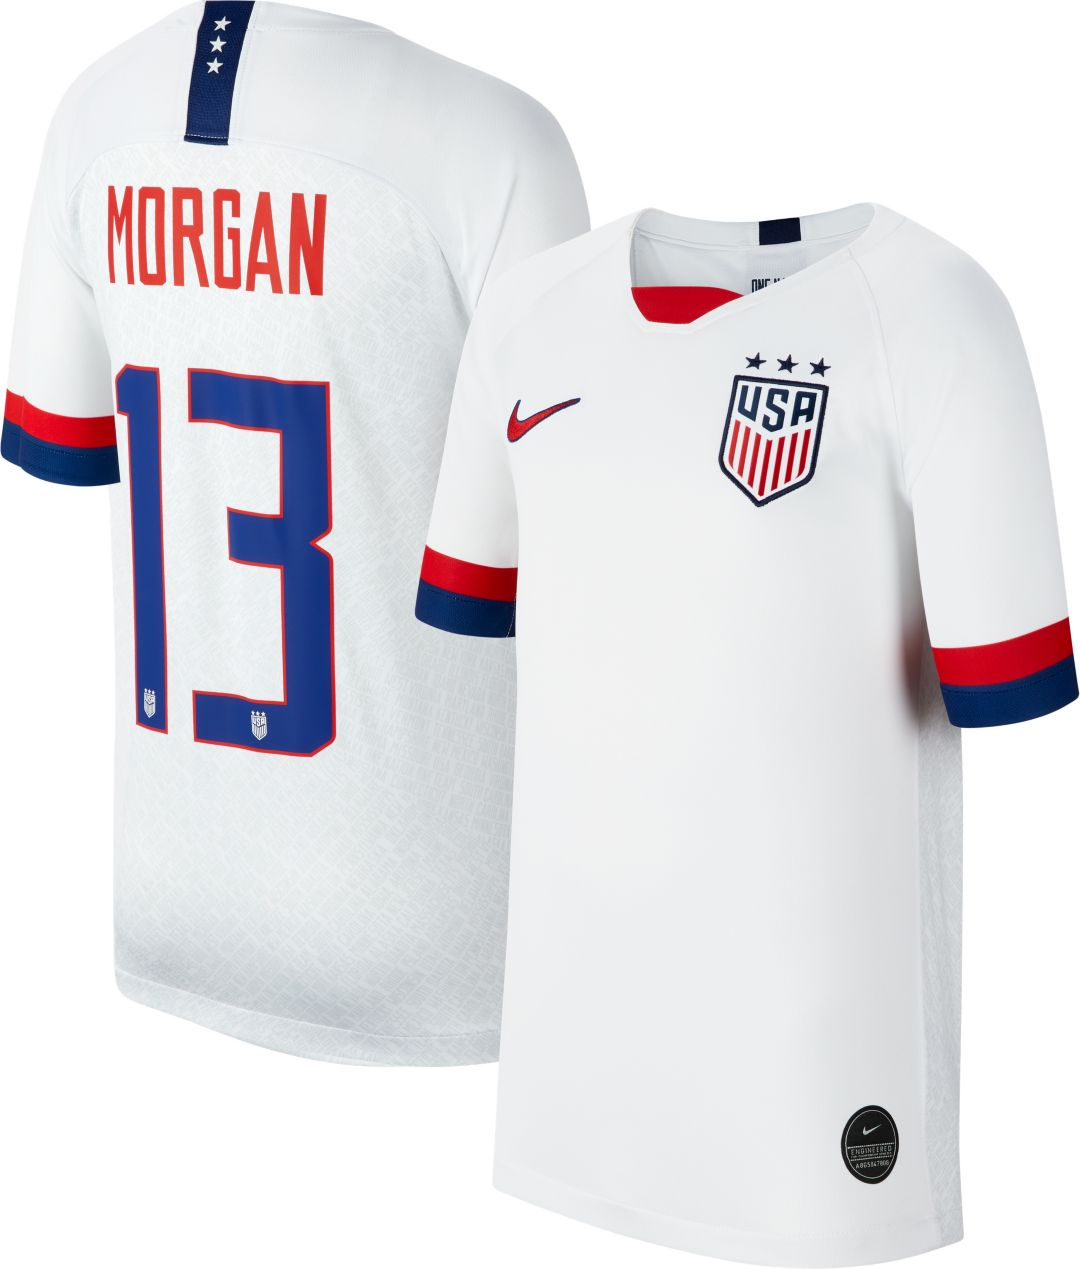 new product a47f3 21dea alex morgan usa jersey